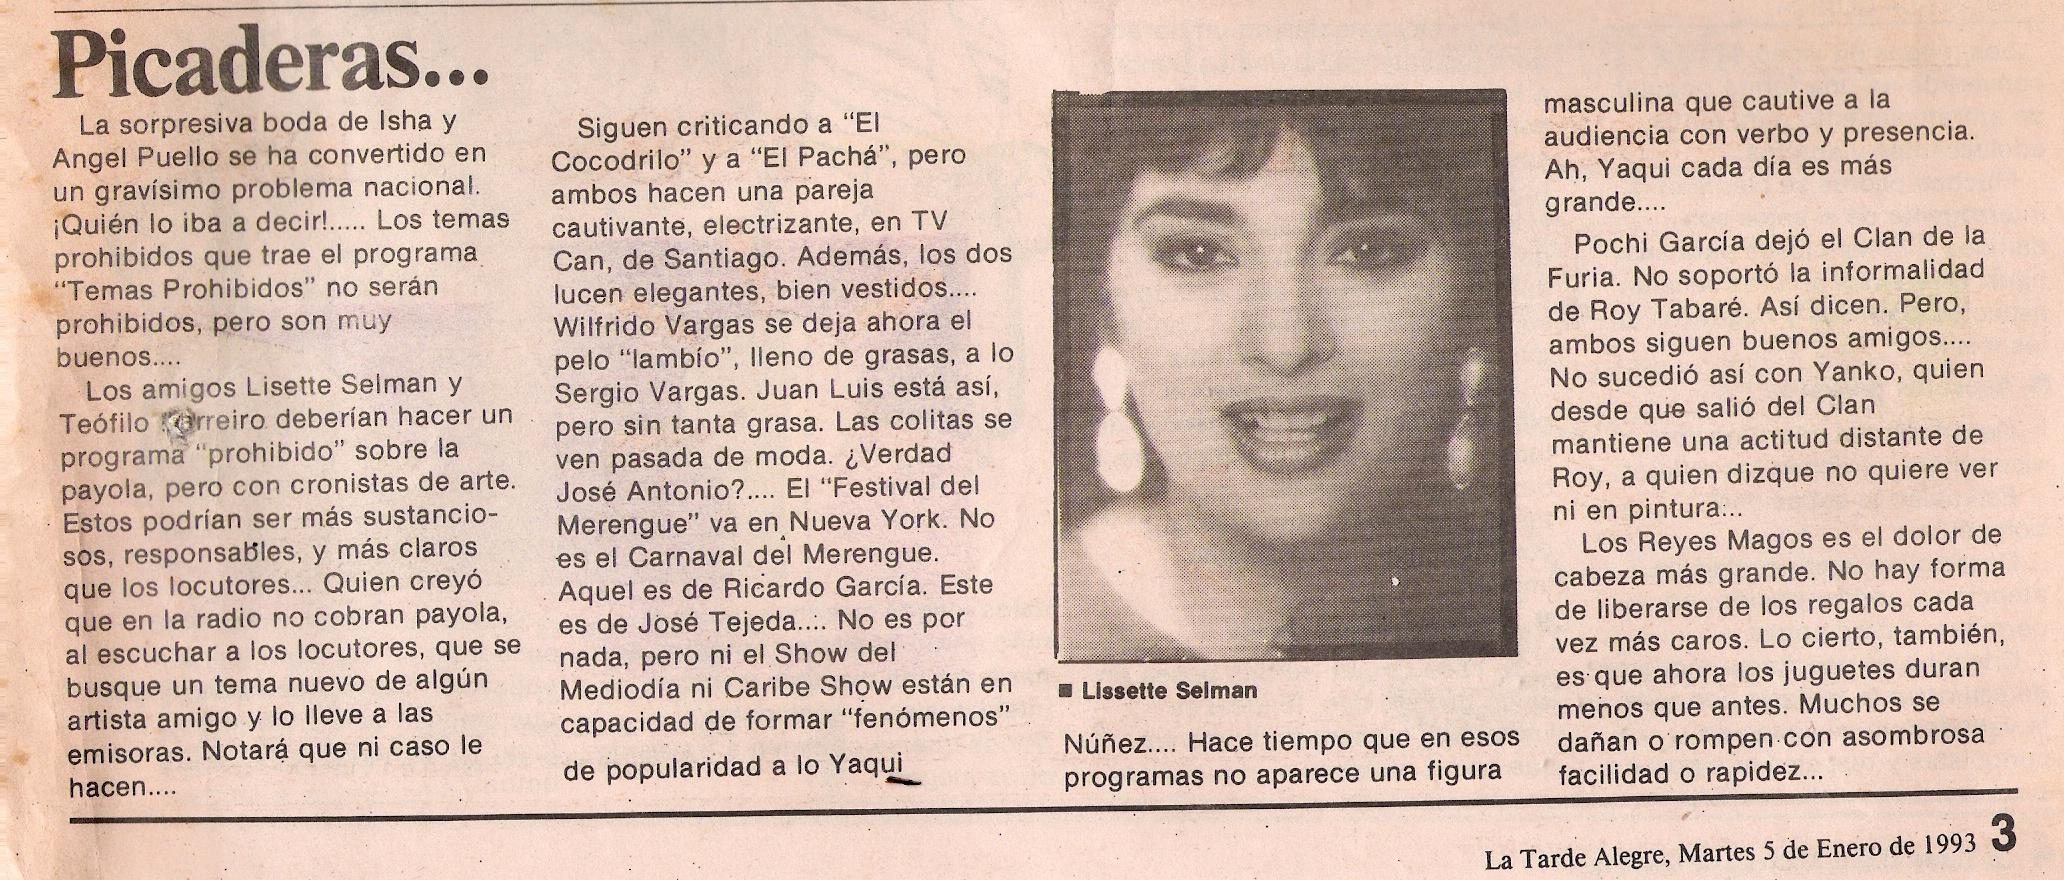 Ene 5, 1993 Ultima Hora.jpg